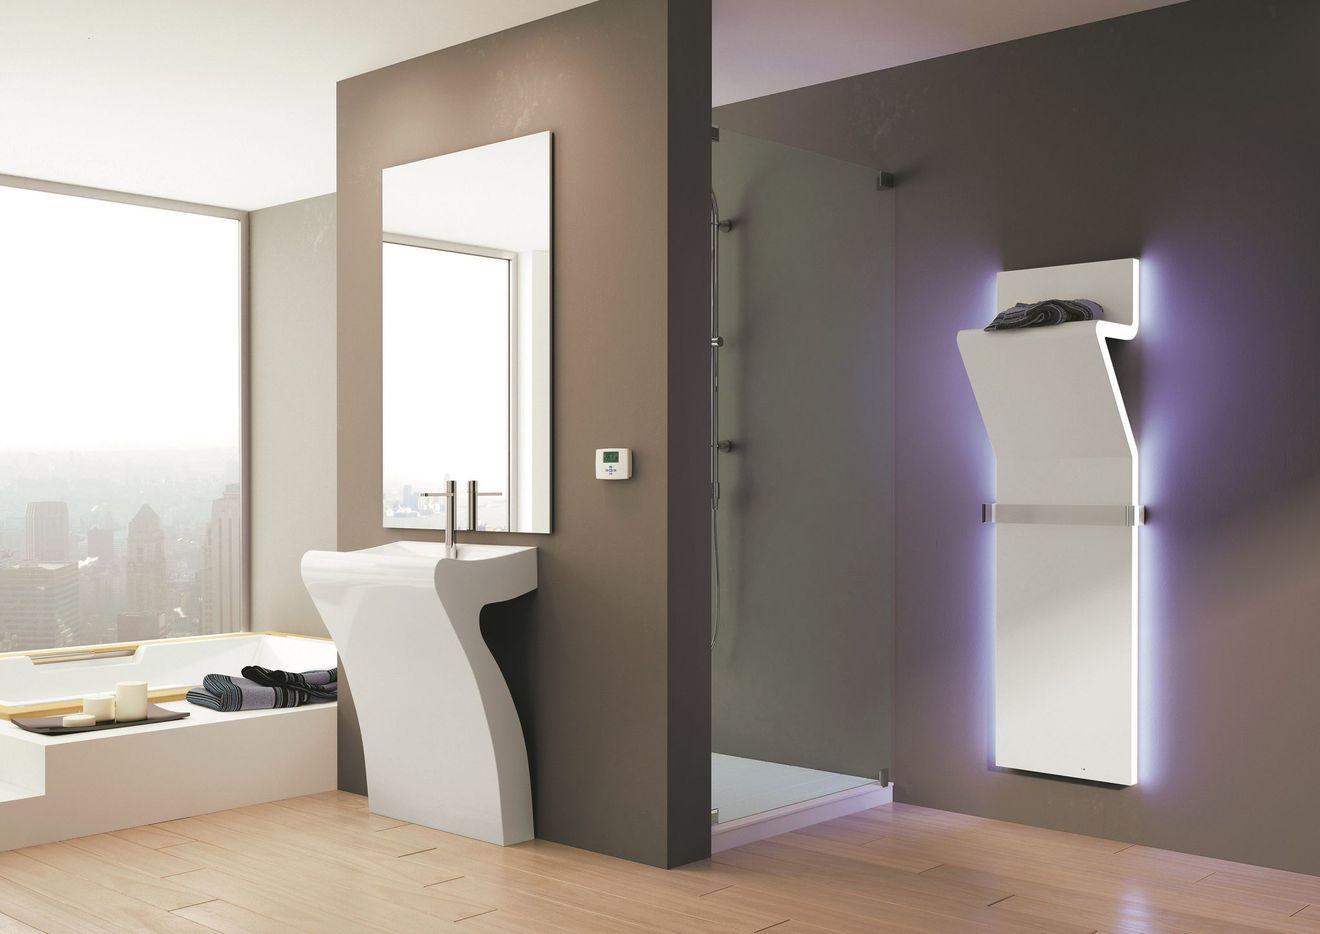 Épinglé Sur Inspiration Shopping, Par Côté Maison concernant Toilette Seche Interieur Maison